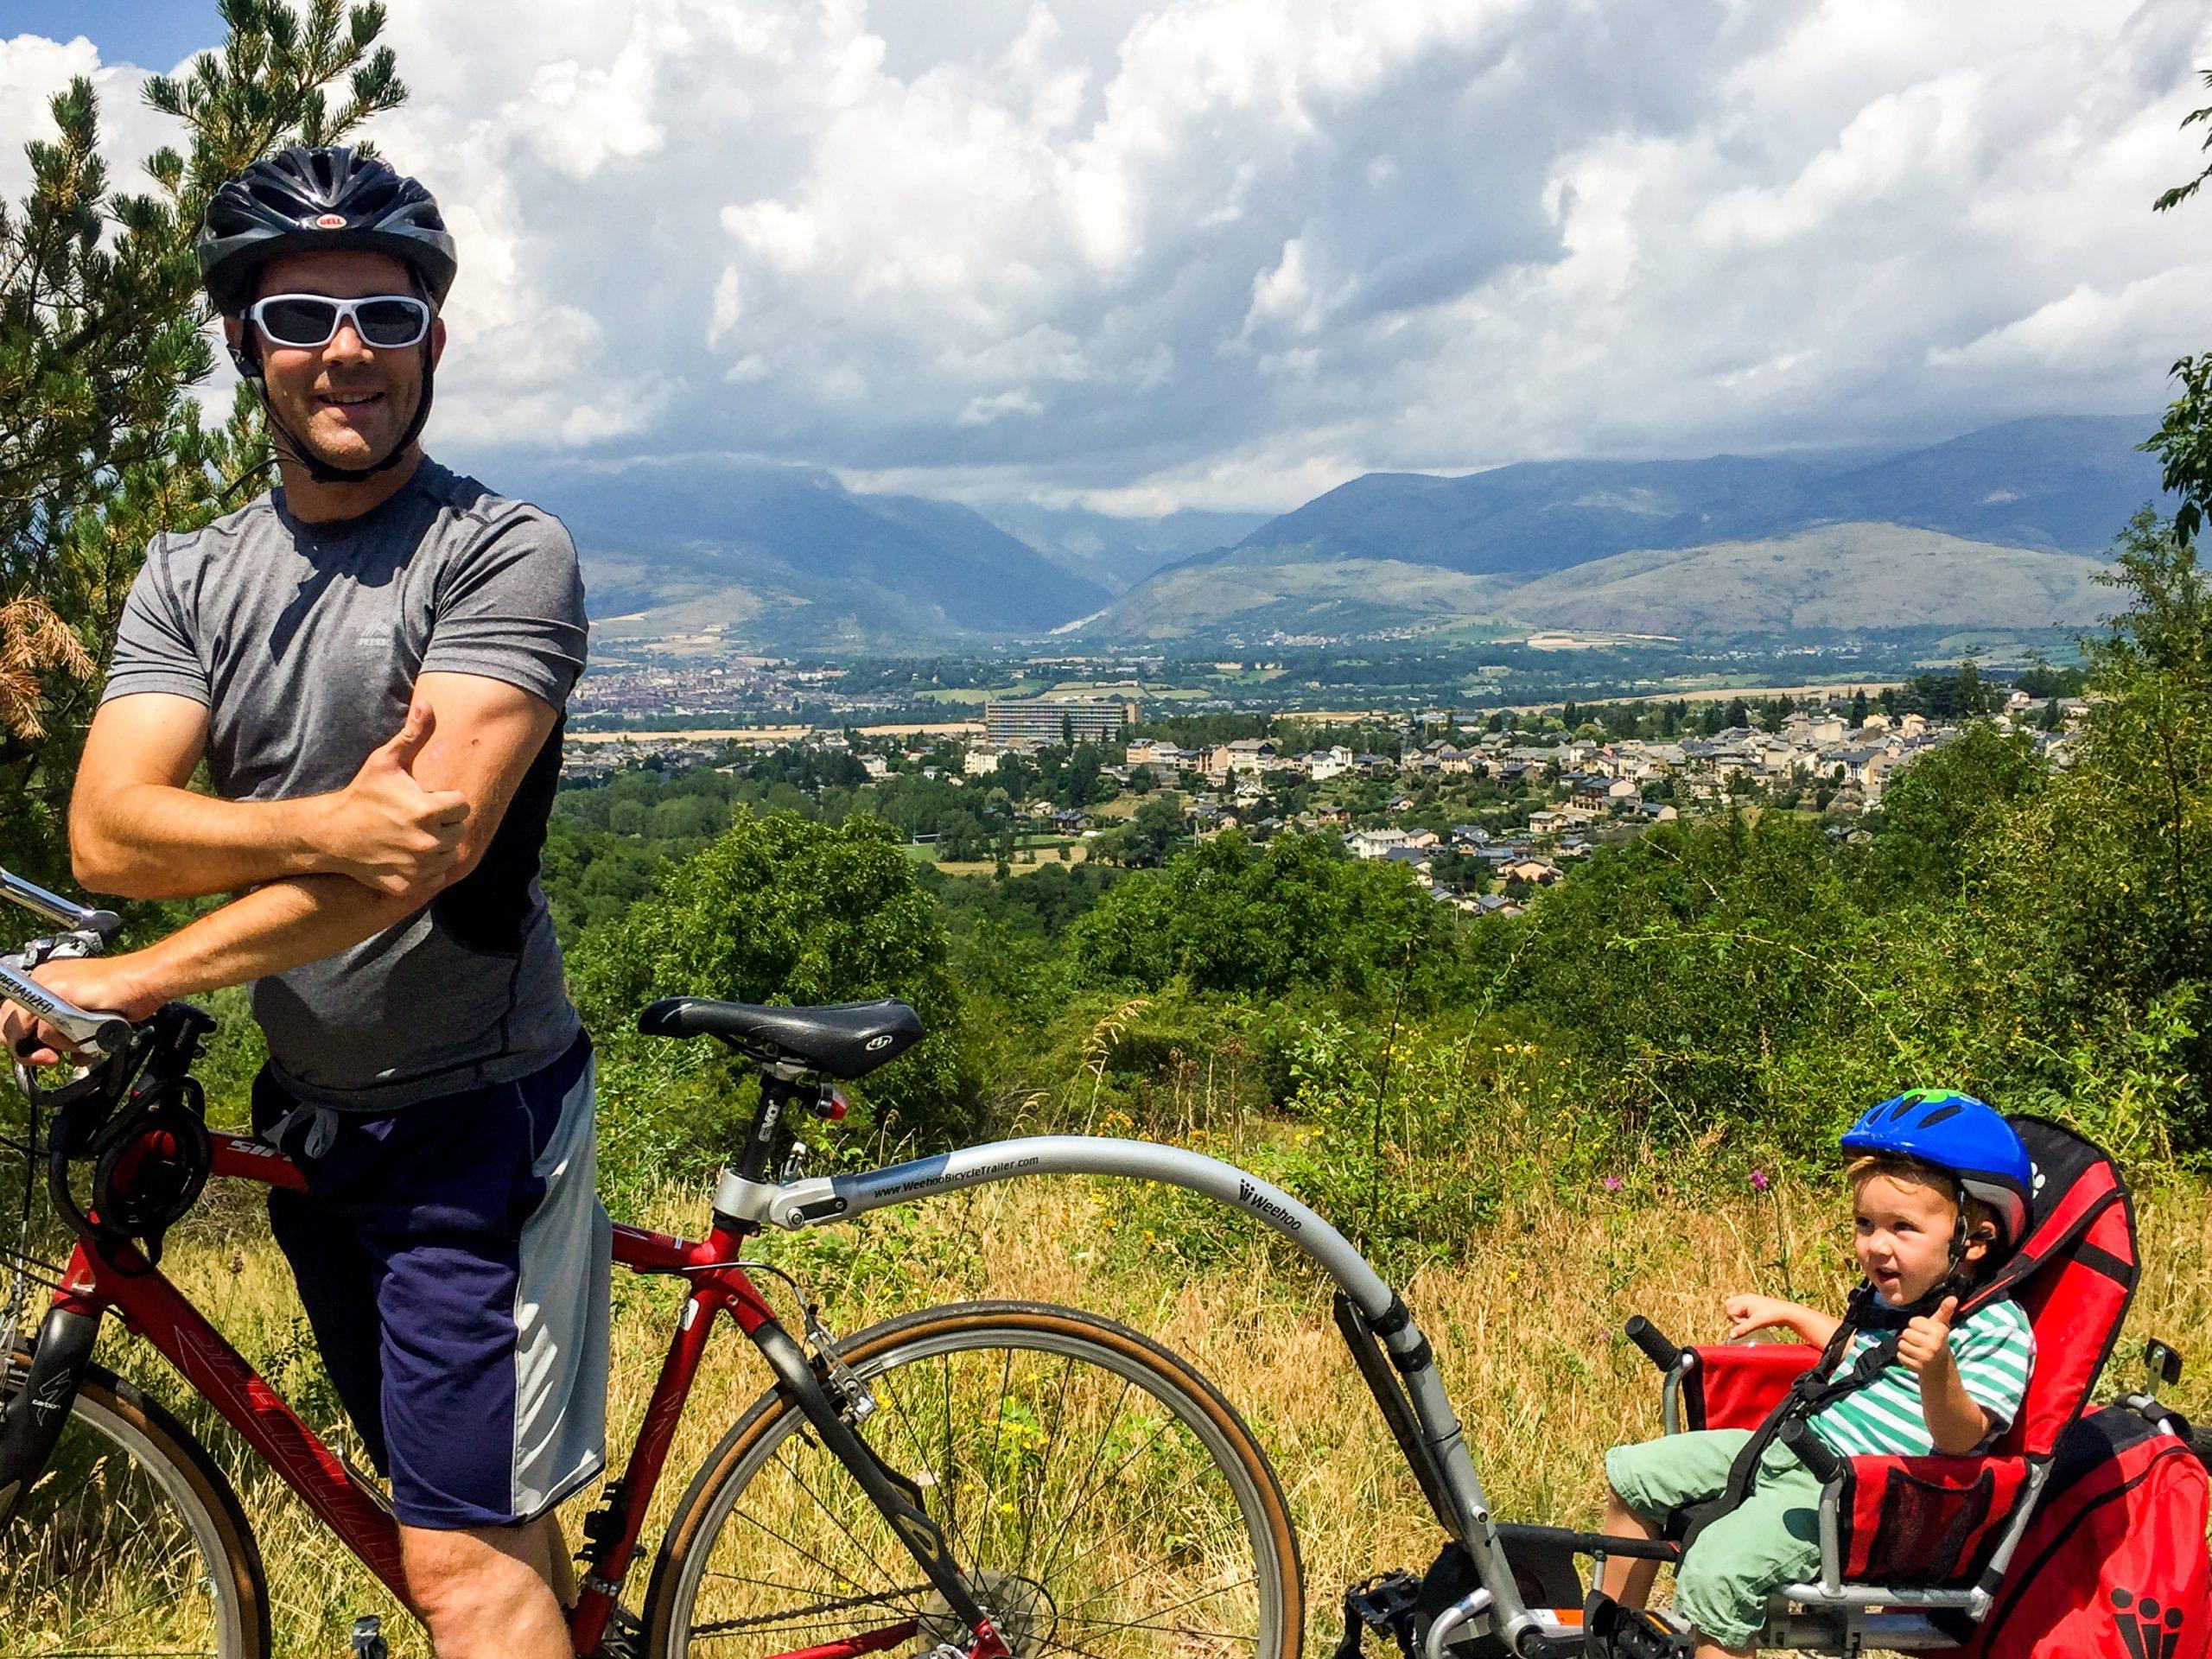 man riding bike in mountains